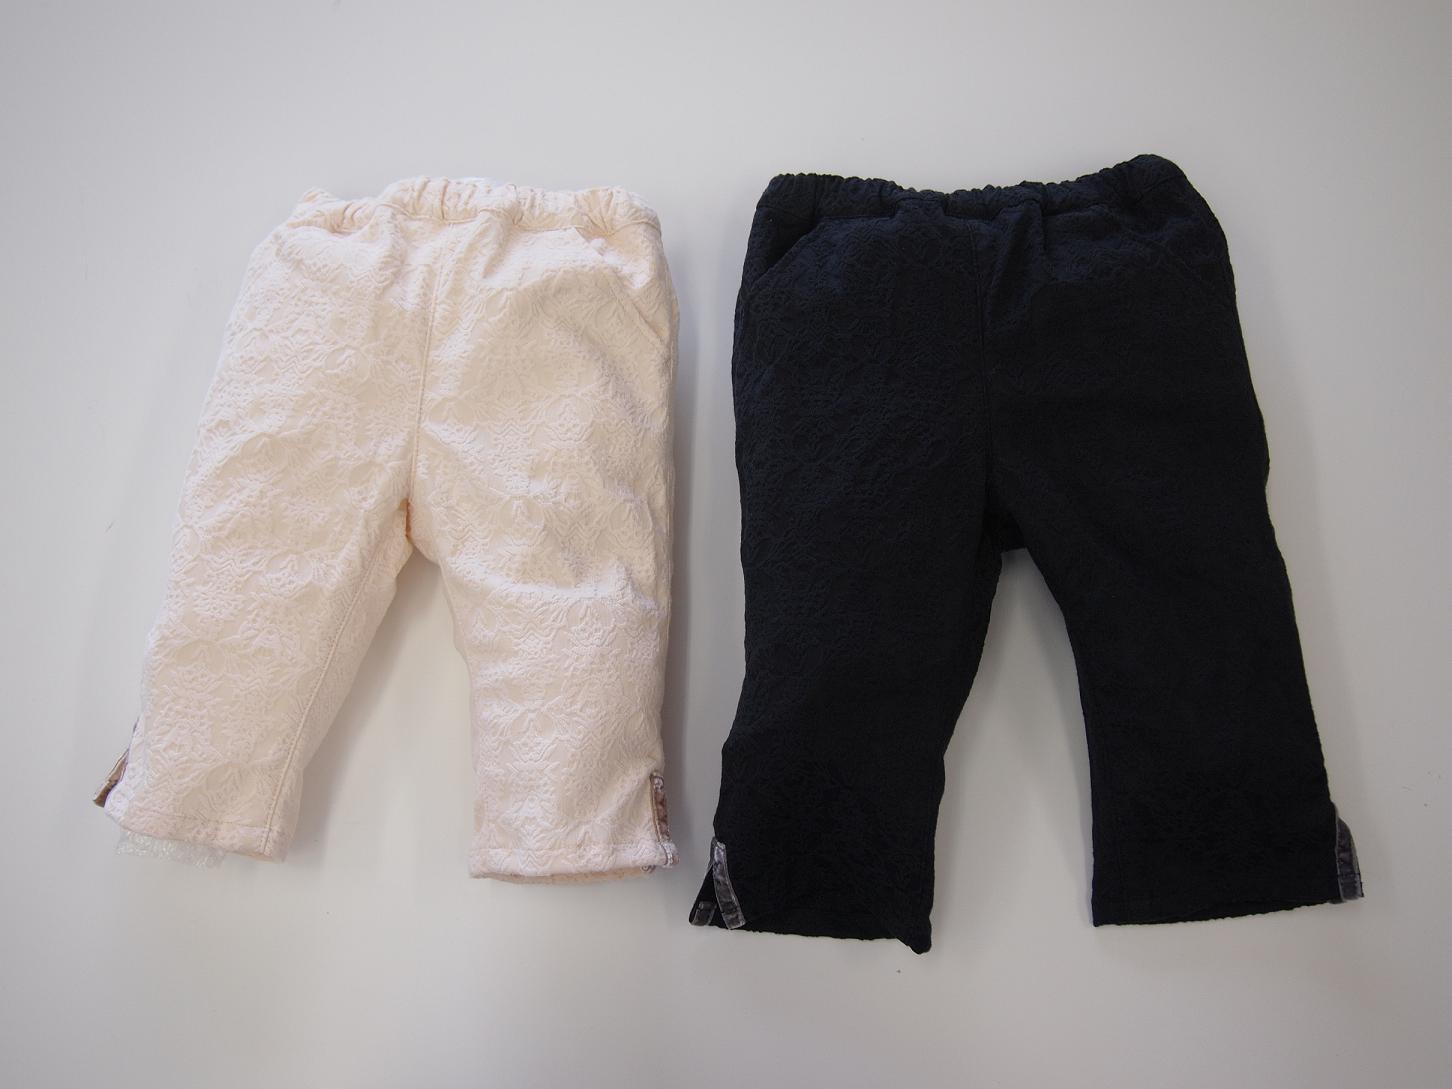 セール 40%OFF (メール便可)hakka kids(ハッカキッズ)レース風ストレッチスリム8分丈パンツ1(150〜160cm)SALE